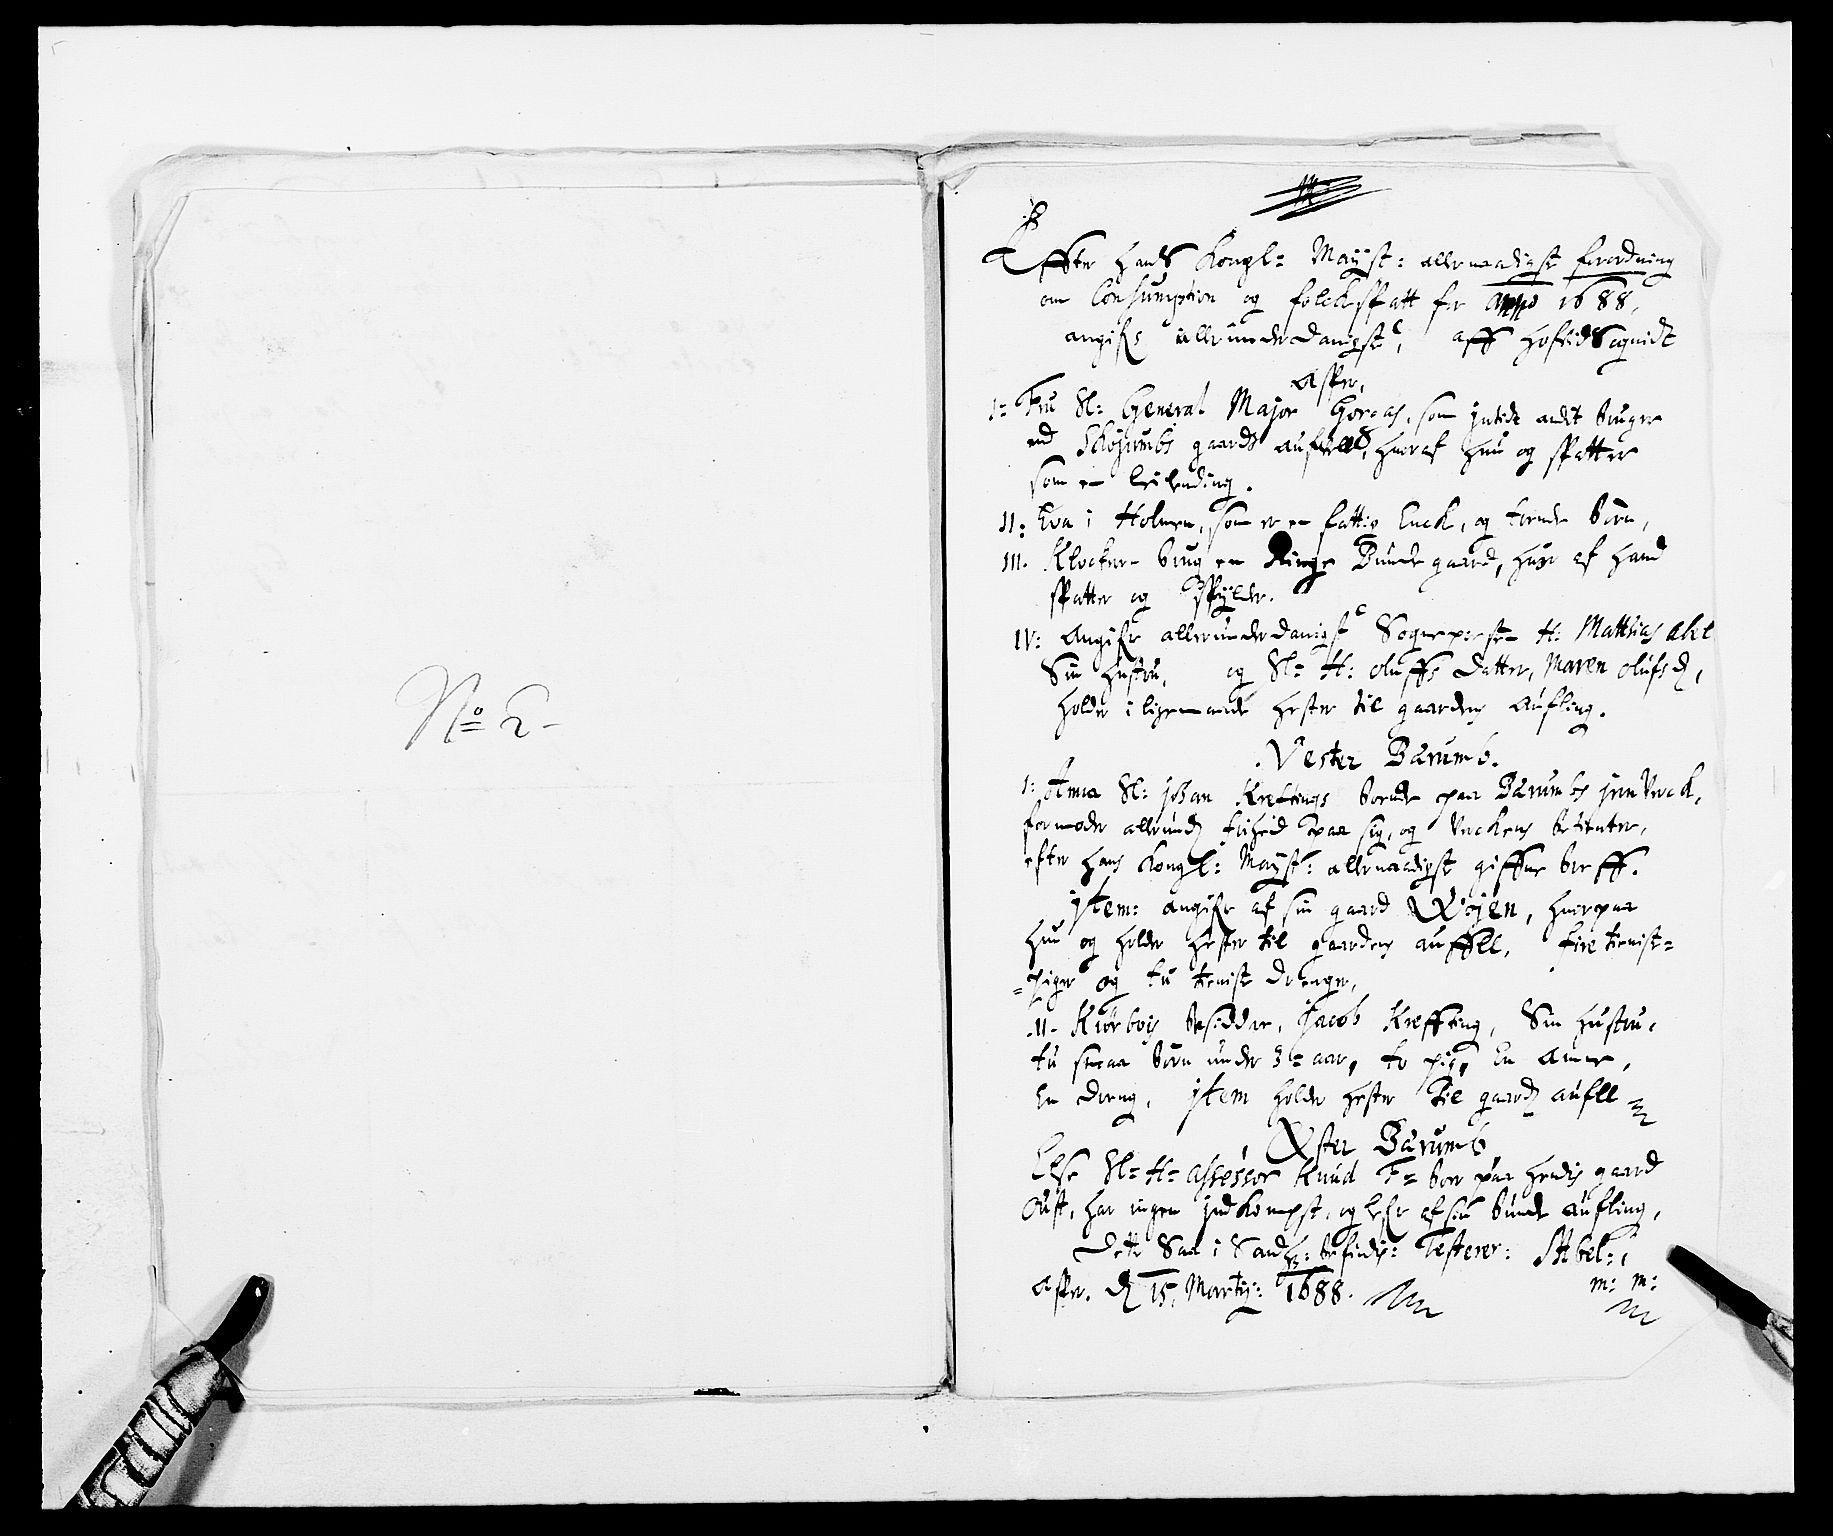 RA, Rentekammeret inntil 1814, Reviderte regnskaper, Fogderegnskap, R08/L0422: Fogderegnskap Aker, 1684-1686, s. 359